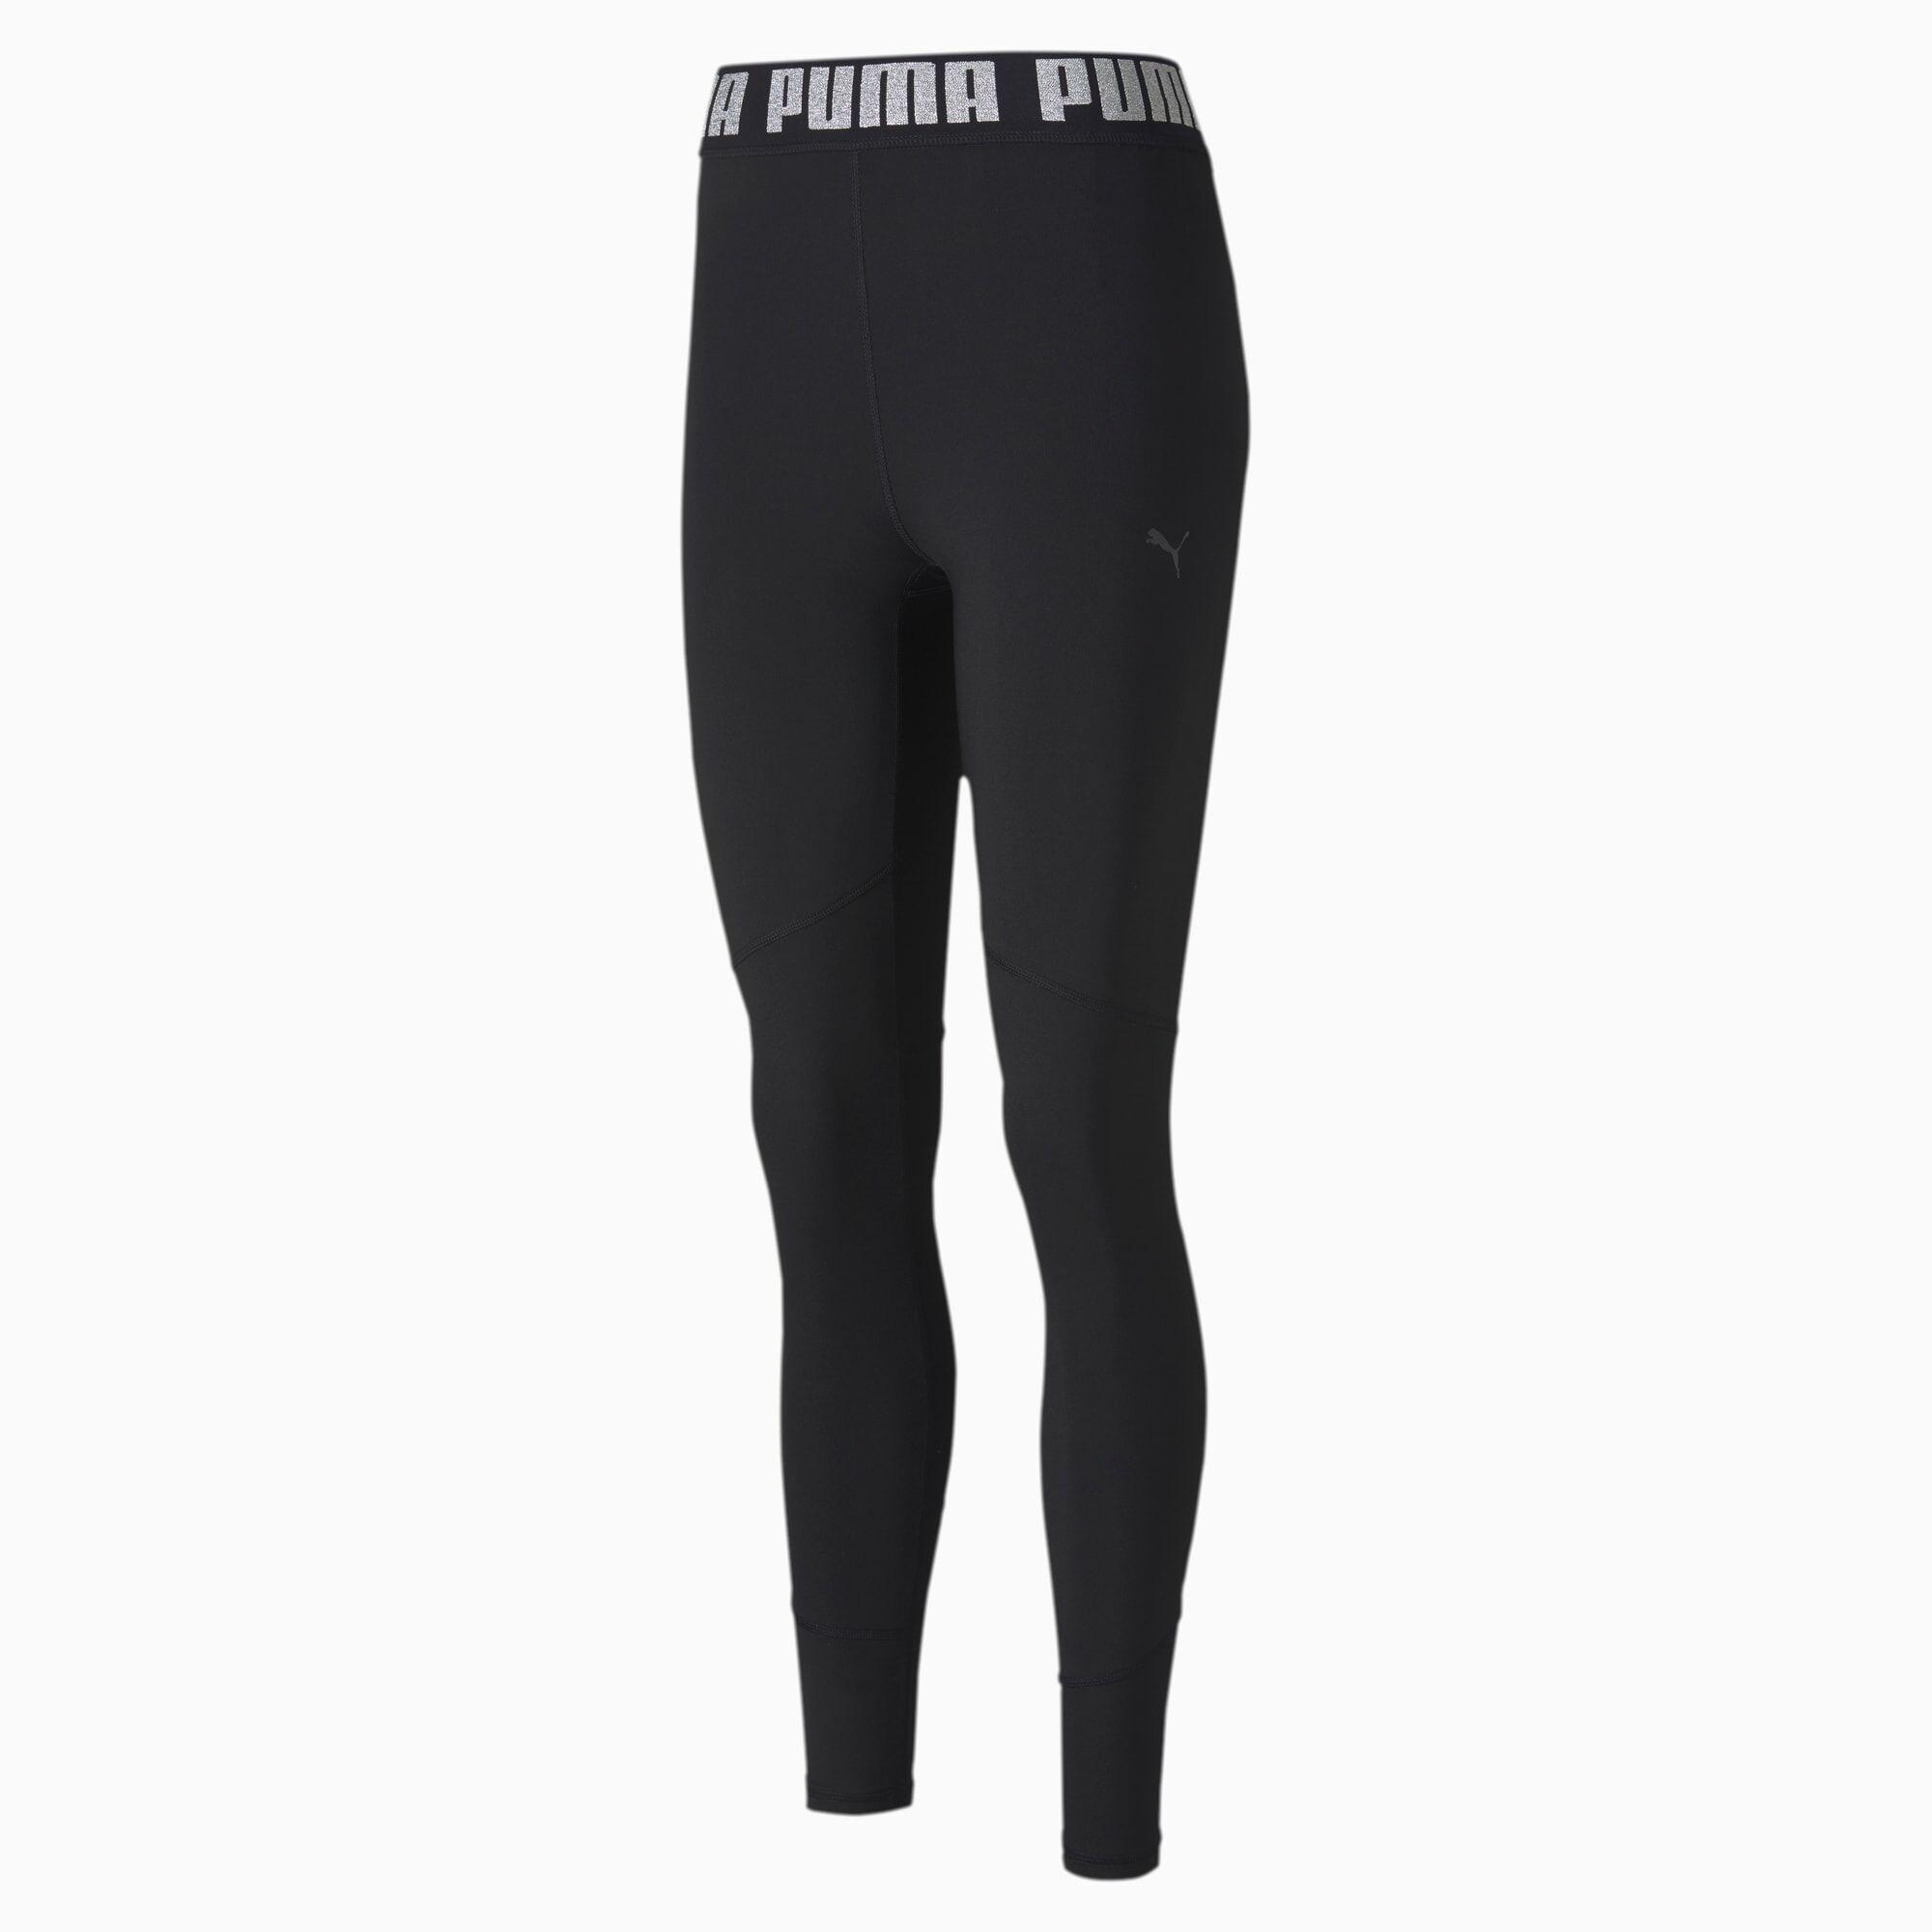 PUMA Collant Favourite Elastic 7/8 Training pour Femme, Noir, Taille M, Vêtements